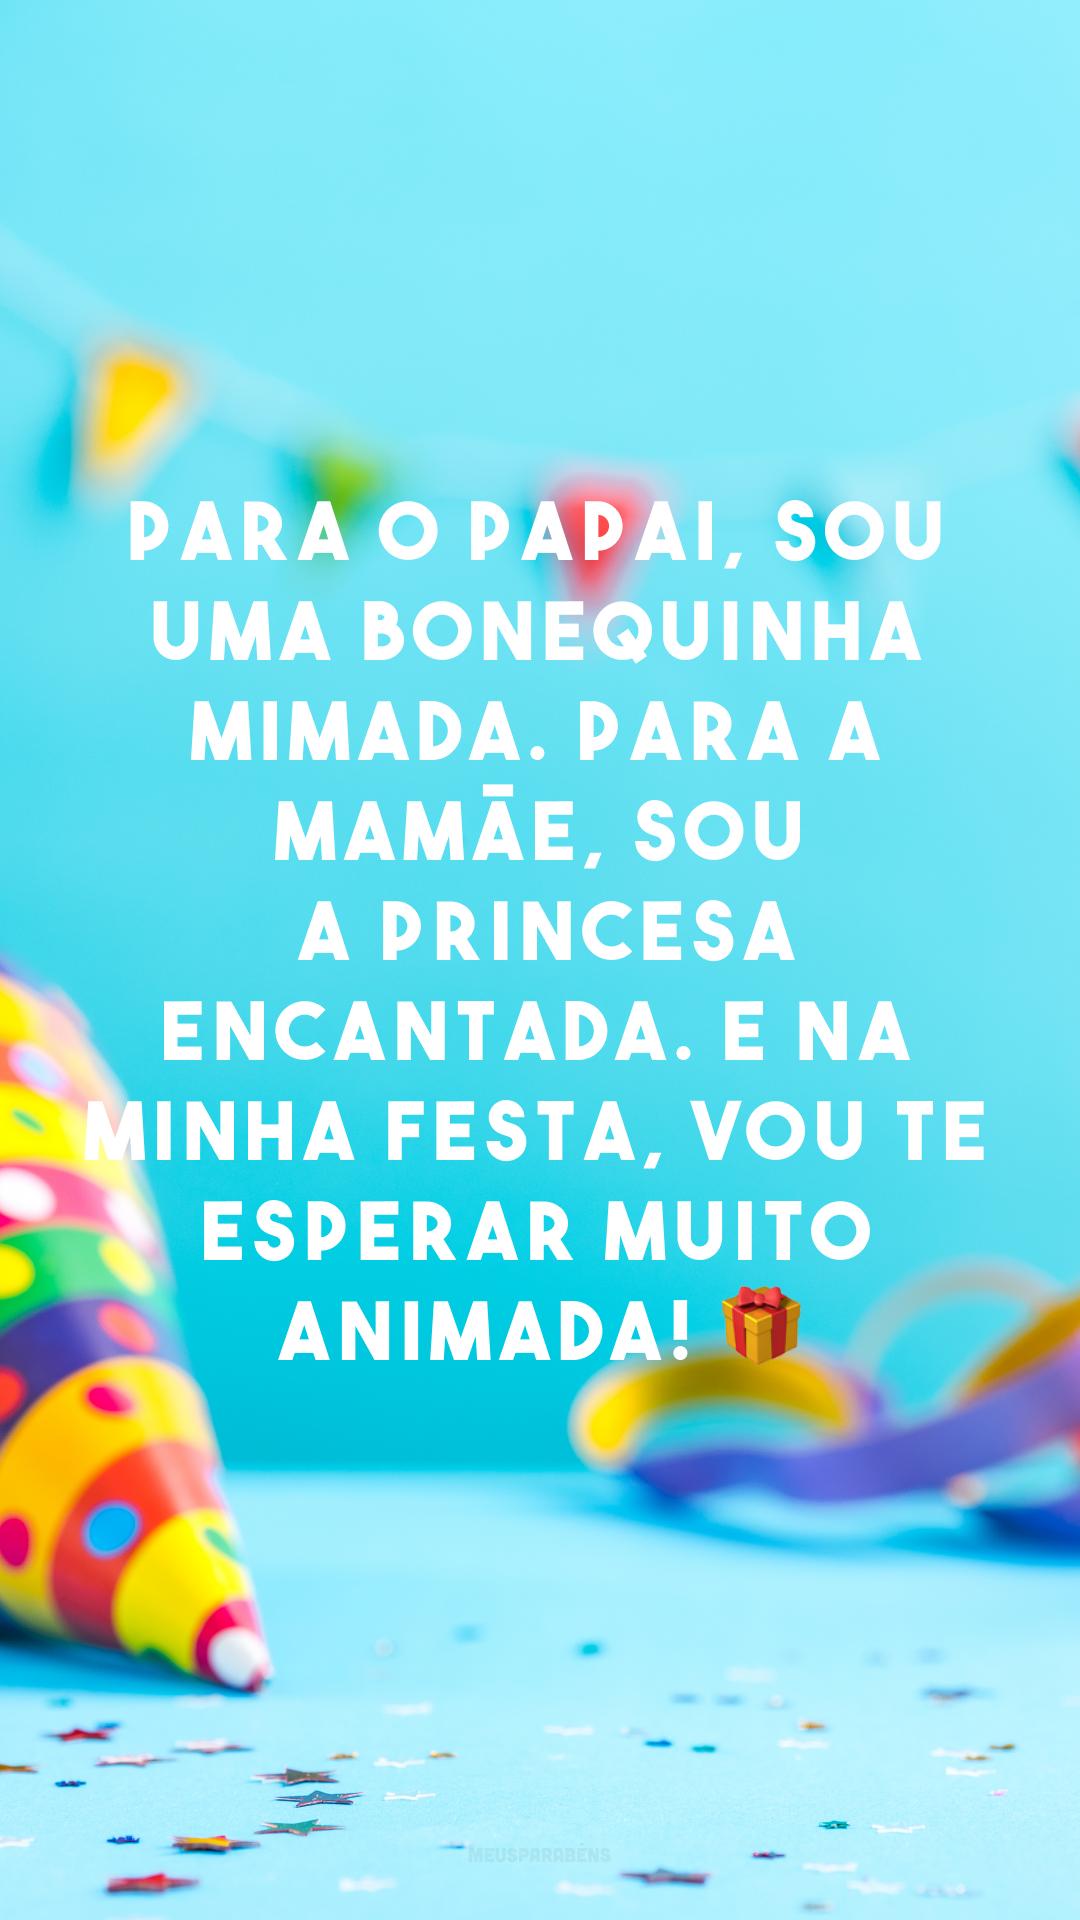 Para o papai, sou uma bonequinha mimada. Para a mamãe, sou a princesa encantada. E na minha festa, vou te esperar muito animada! 🎁